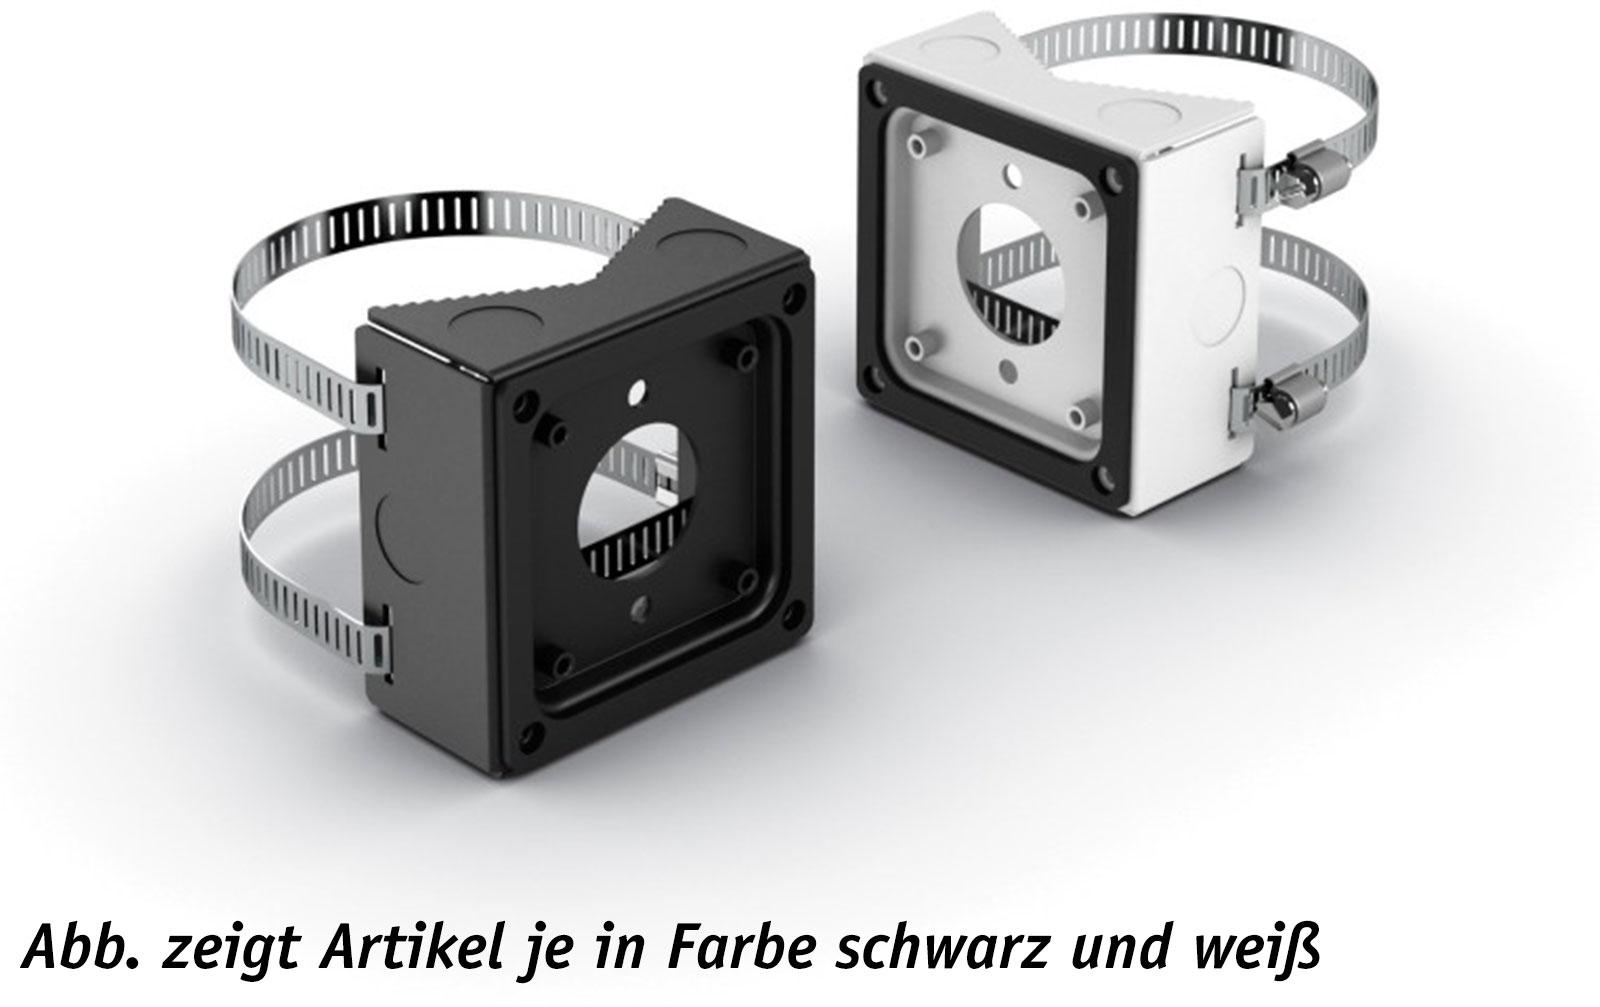 bose-freespace-ds-masthalterung-schwarz-sta-ck-zubeha-r